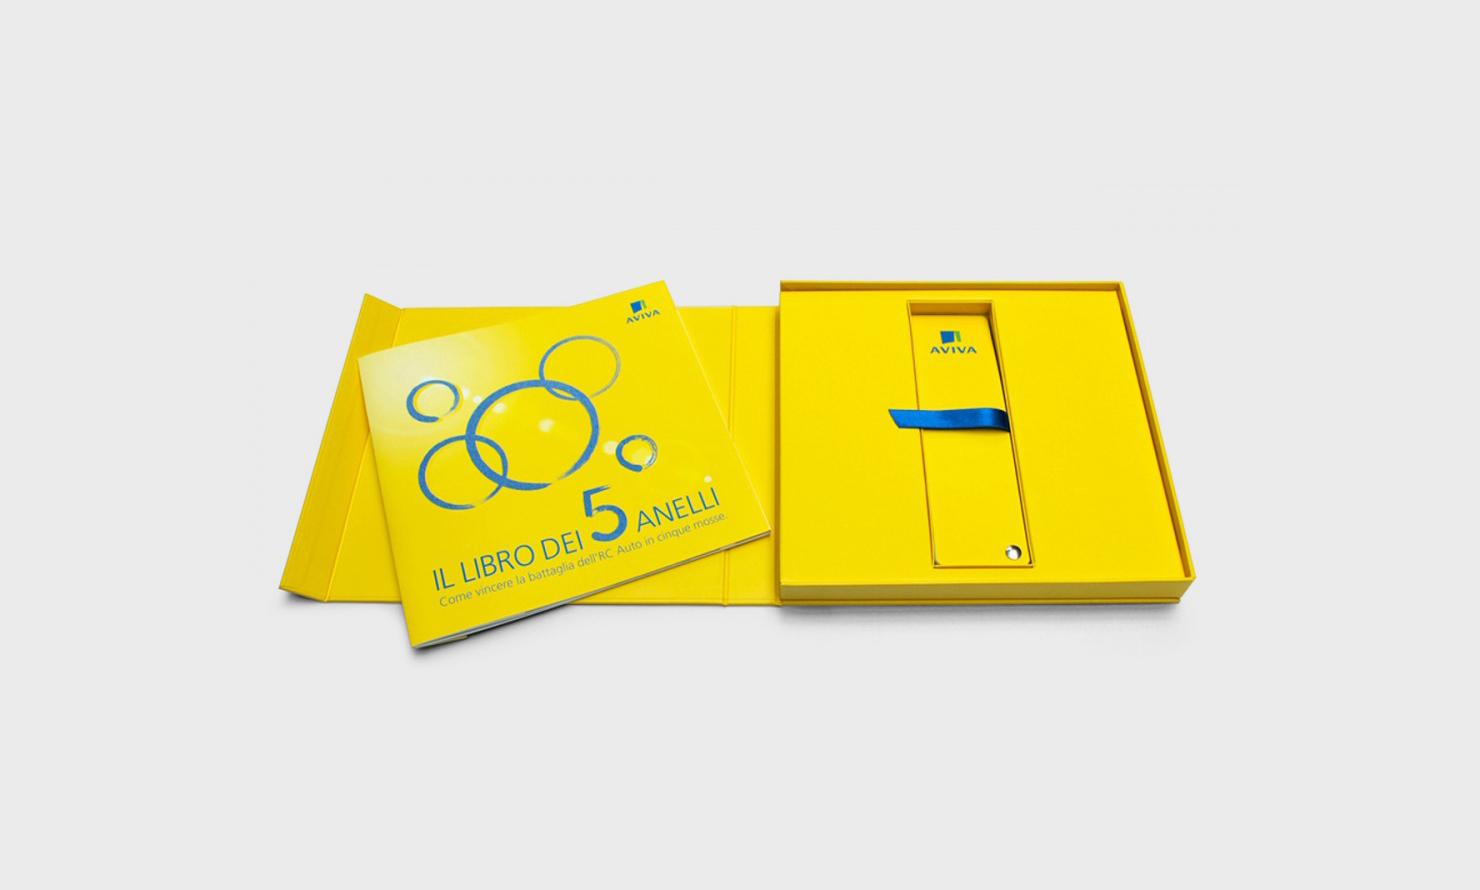 https://kubelibre.com/uploads/Slider-work-tutti-clienti/aviva-kit-agenti-il-libro-dei-cinque-anelli-1.jpg